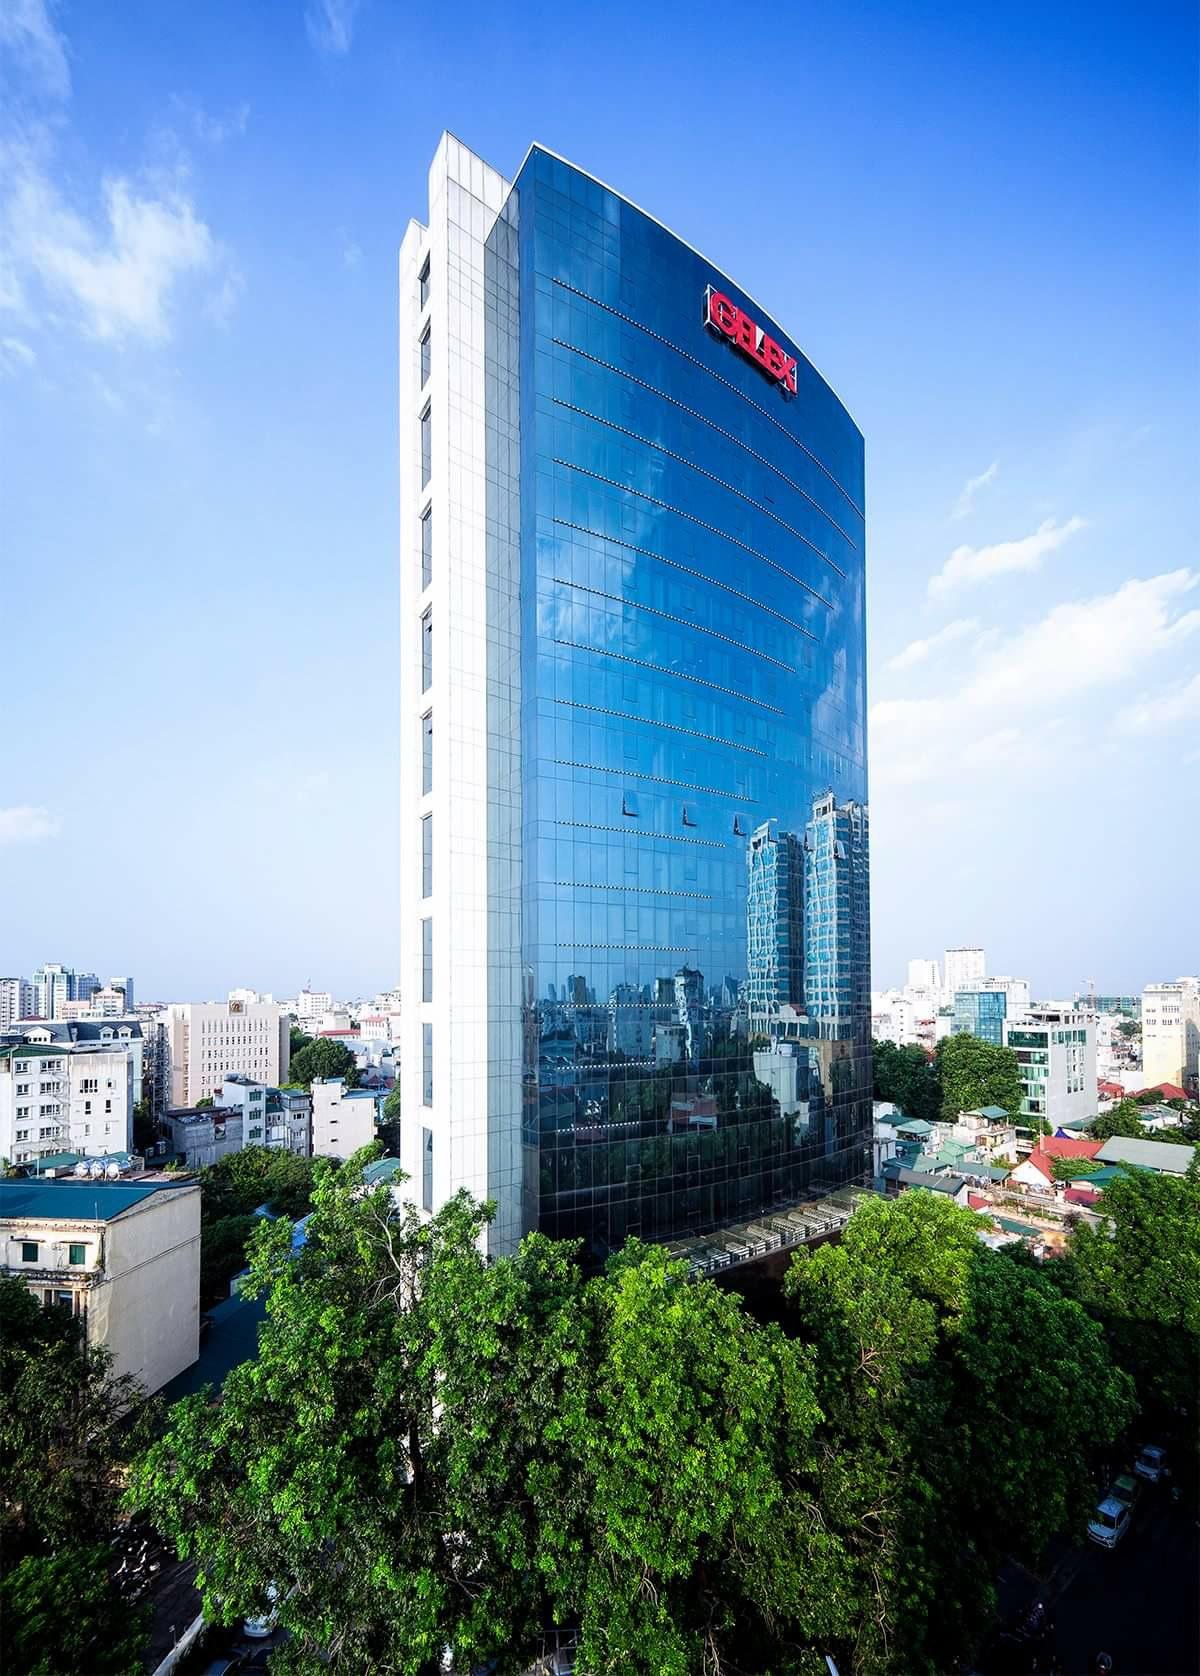 Thông tin về địa chỉ, giờ làm việc của Tổng Lãnh sự quán và Đại Sứ quán Thụy Điển tại Việt Nam - Ảnh 1.